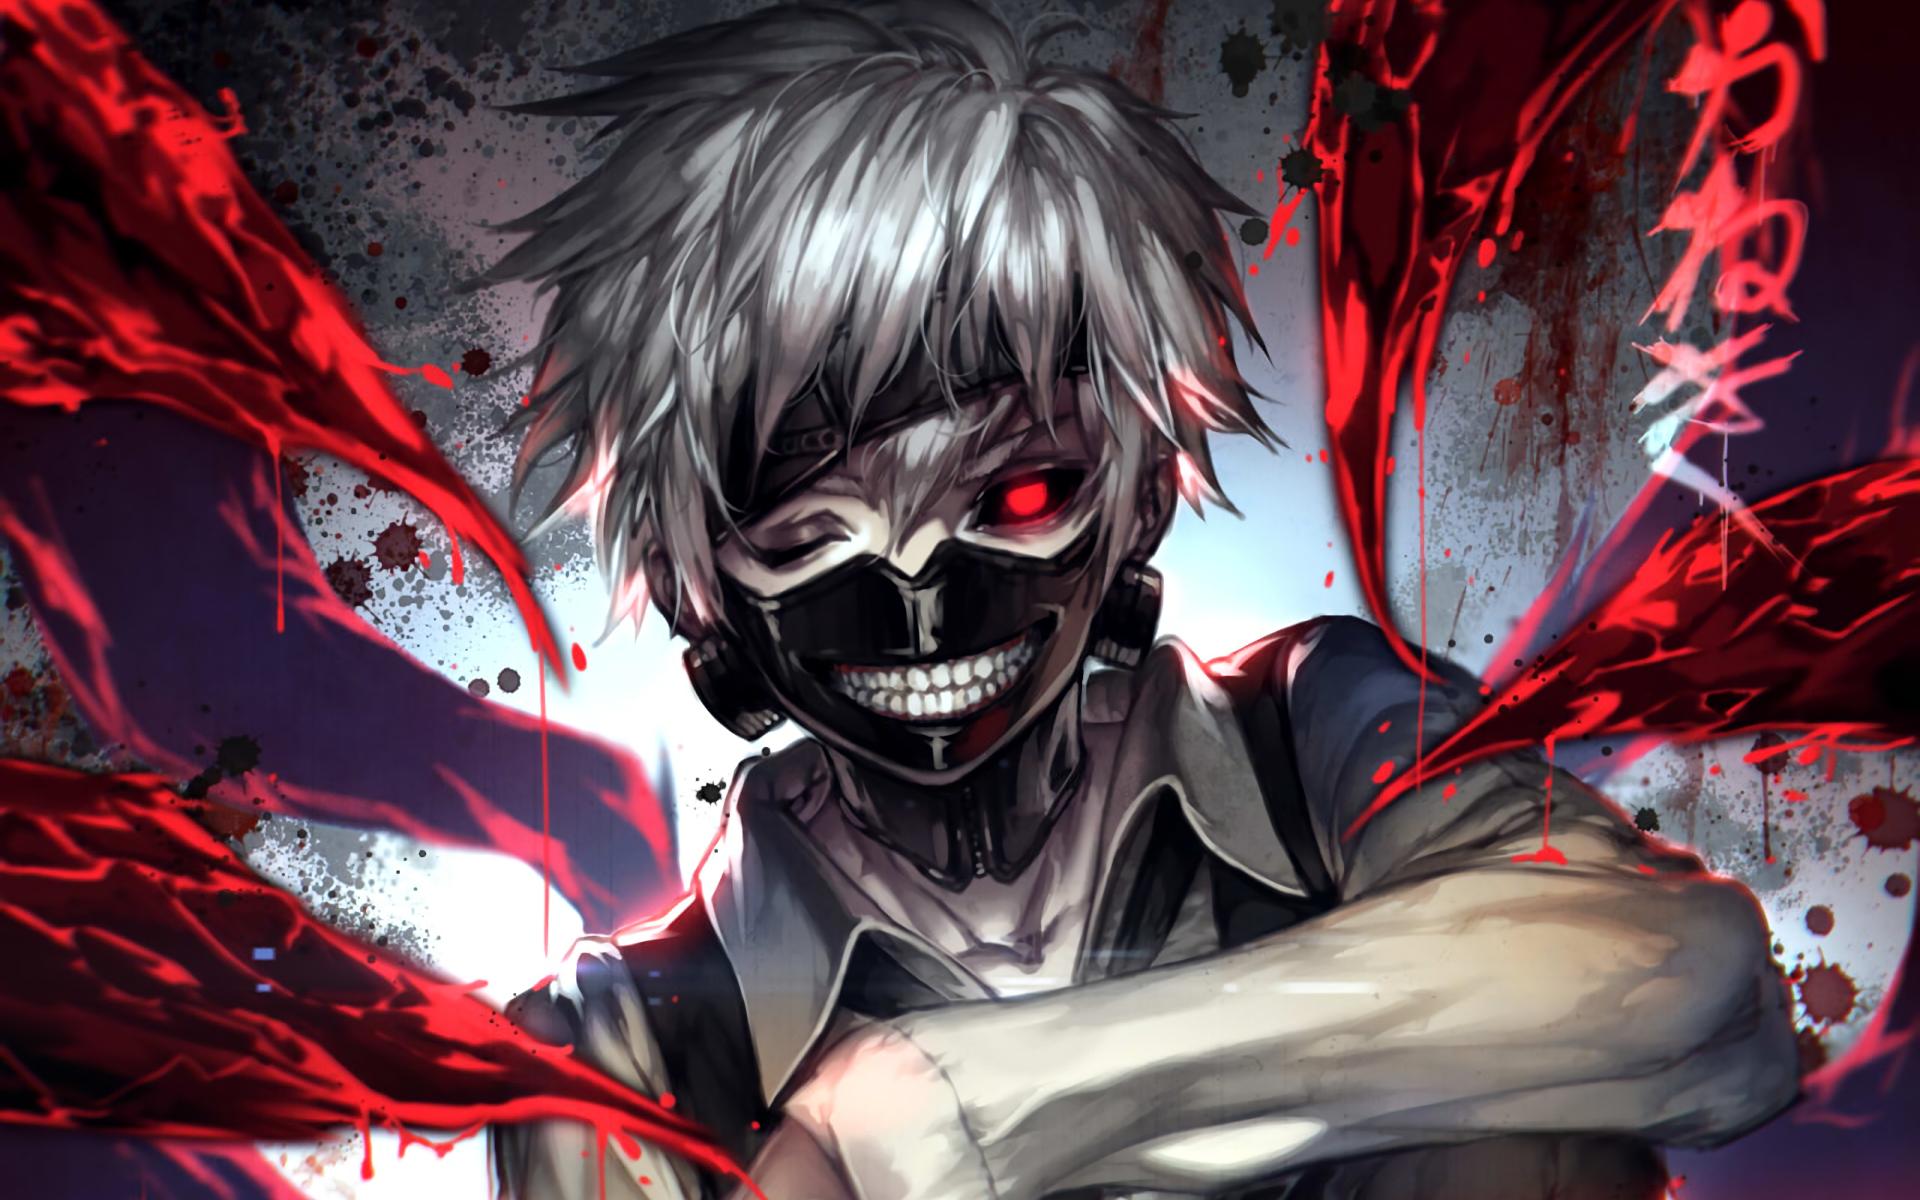 Ảnh nền Ác quỷ Anime đáng sợ nhất